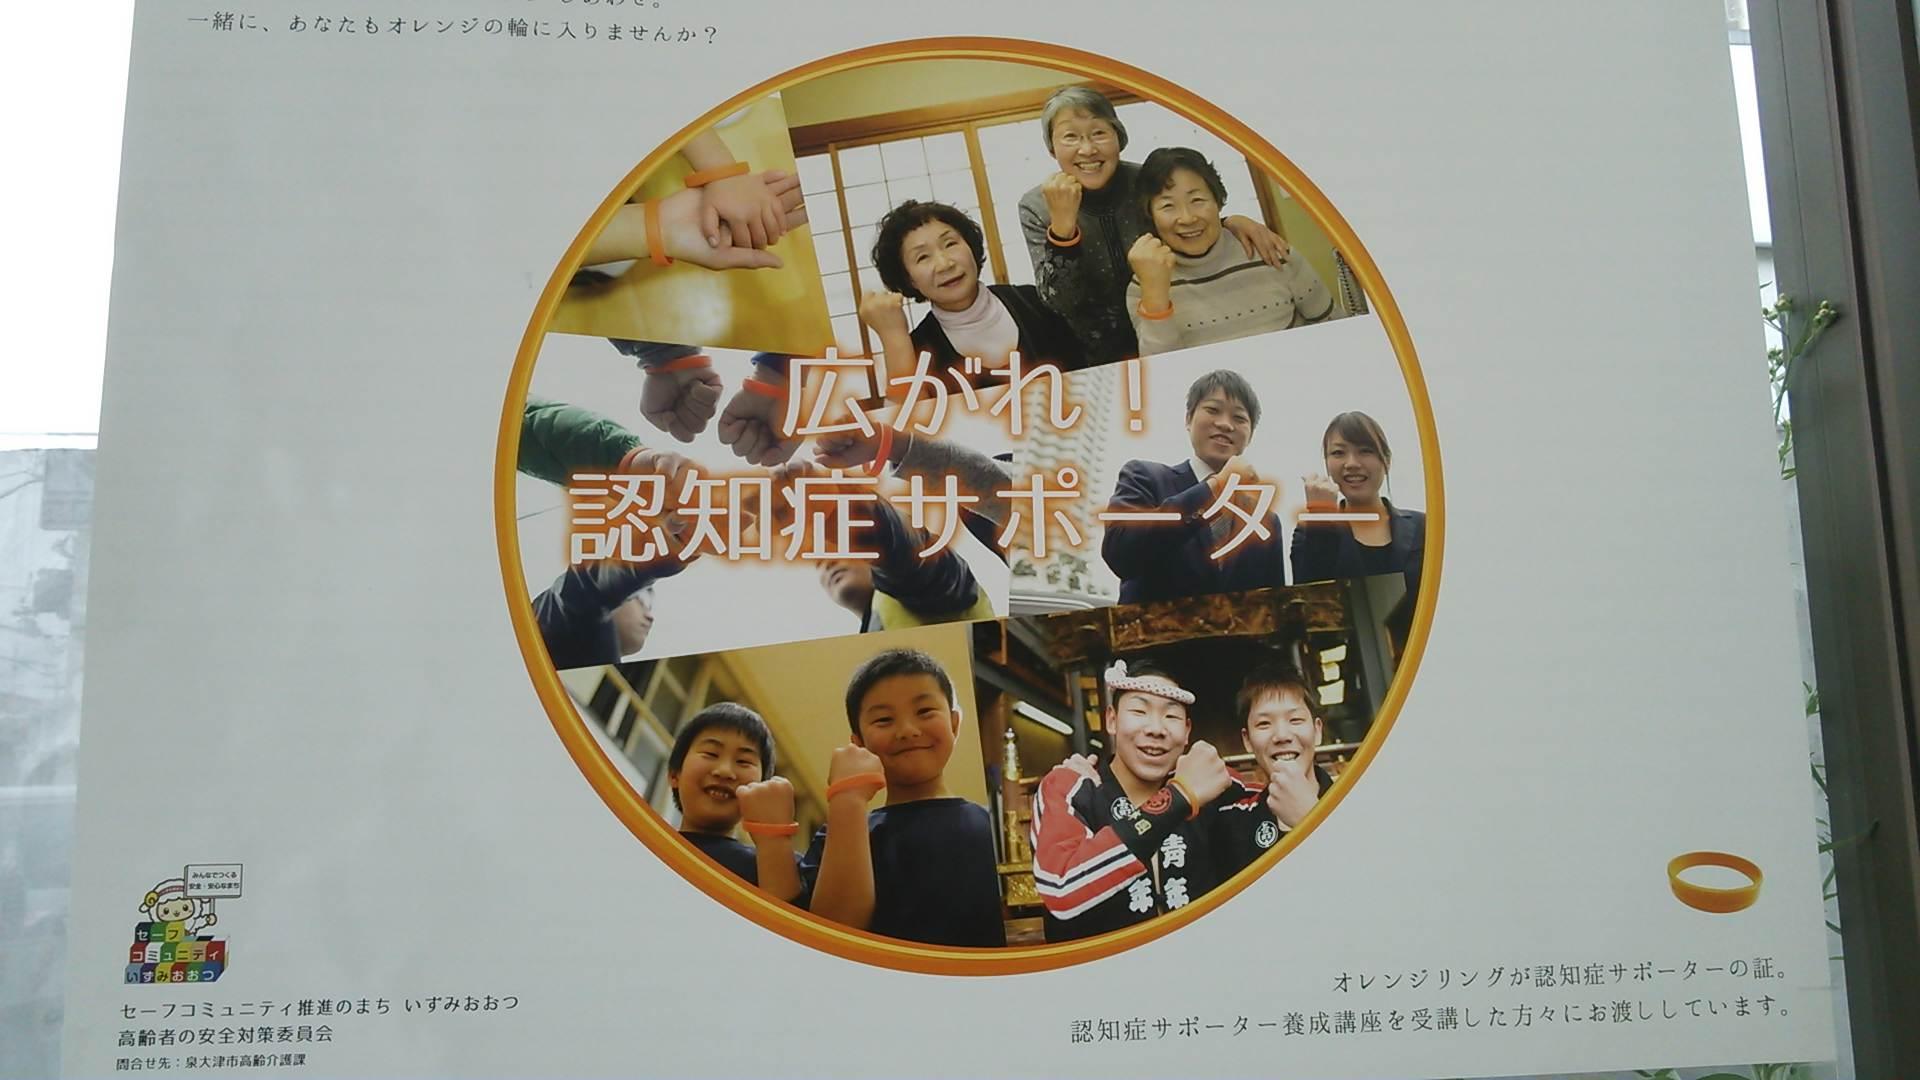 泉大津市セーフコミュニティ現地審査が行われました。